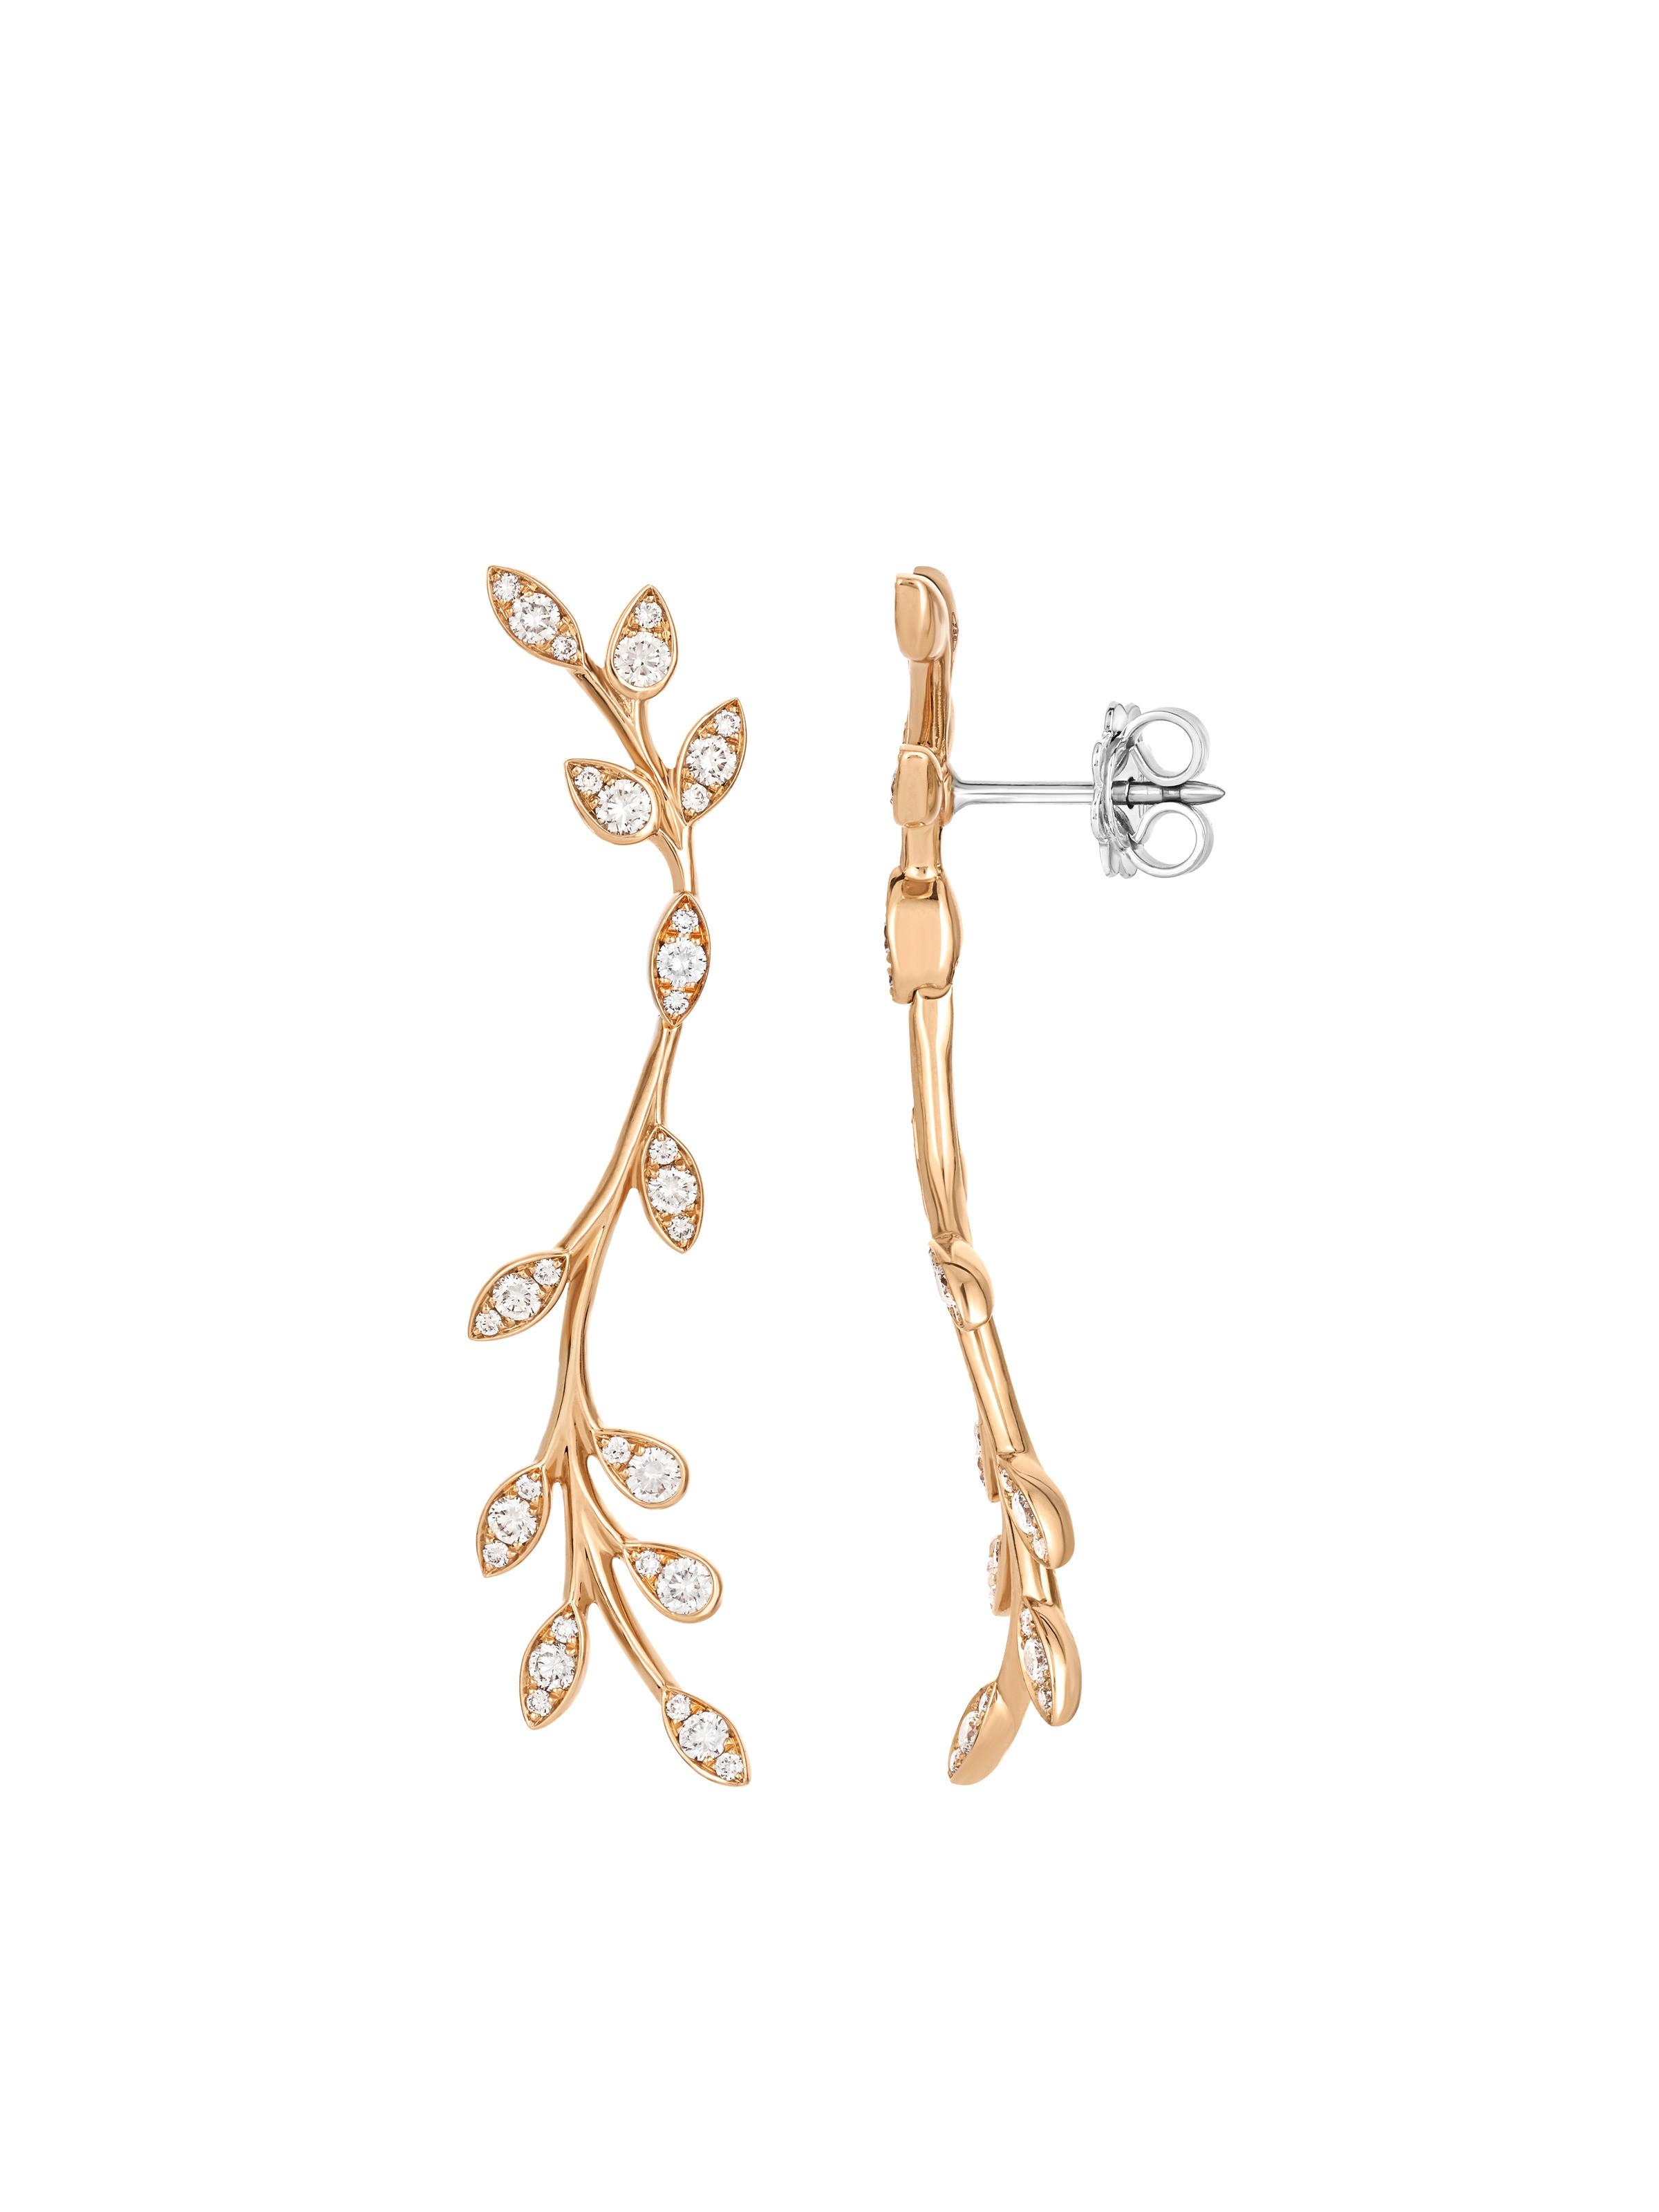 Flowery earrings